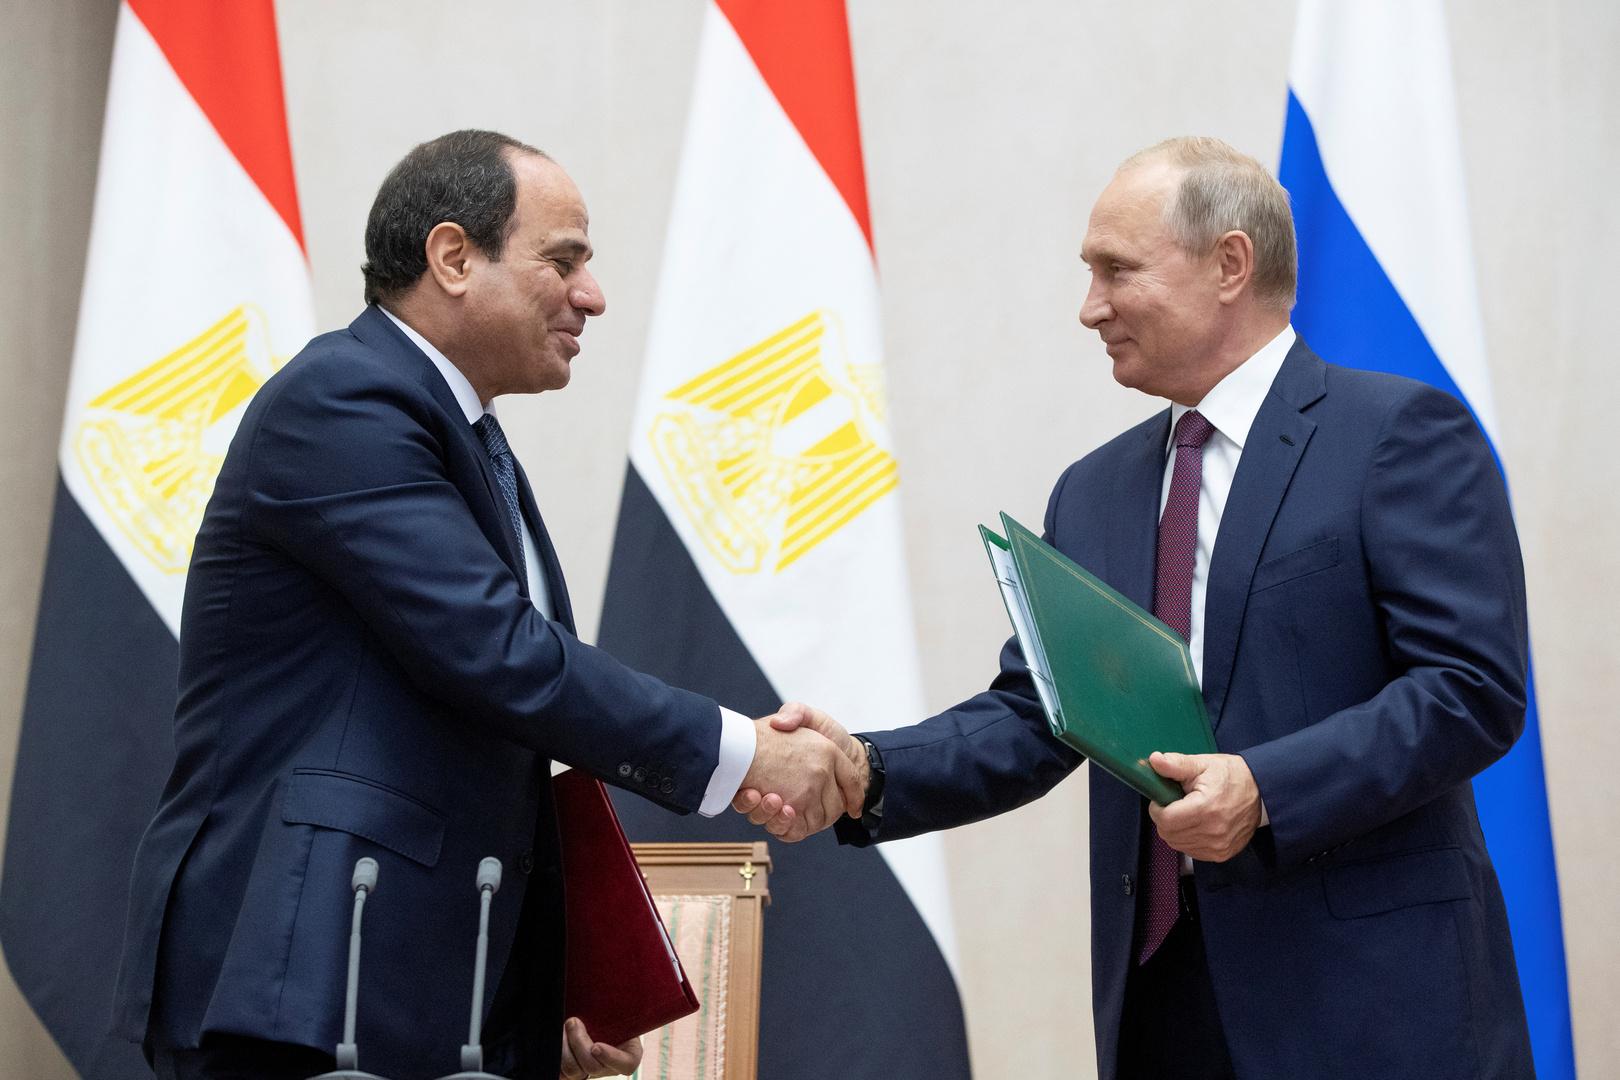 السفارة الروسية ترحب بالمصادقة على اتفاقية التعاون الاستراتيجي بين روسيا ومصر